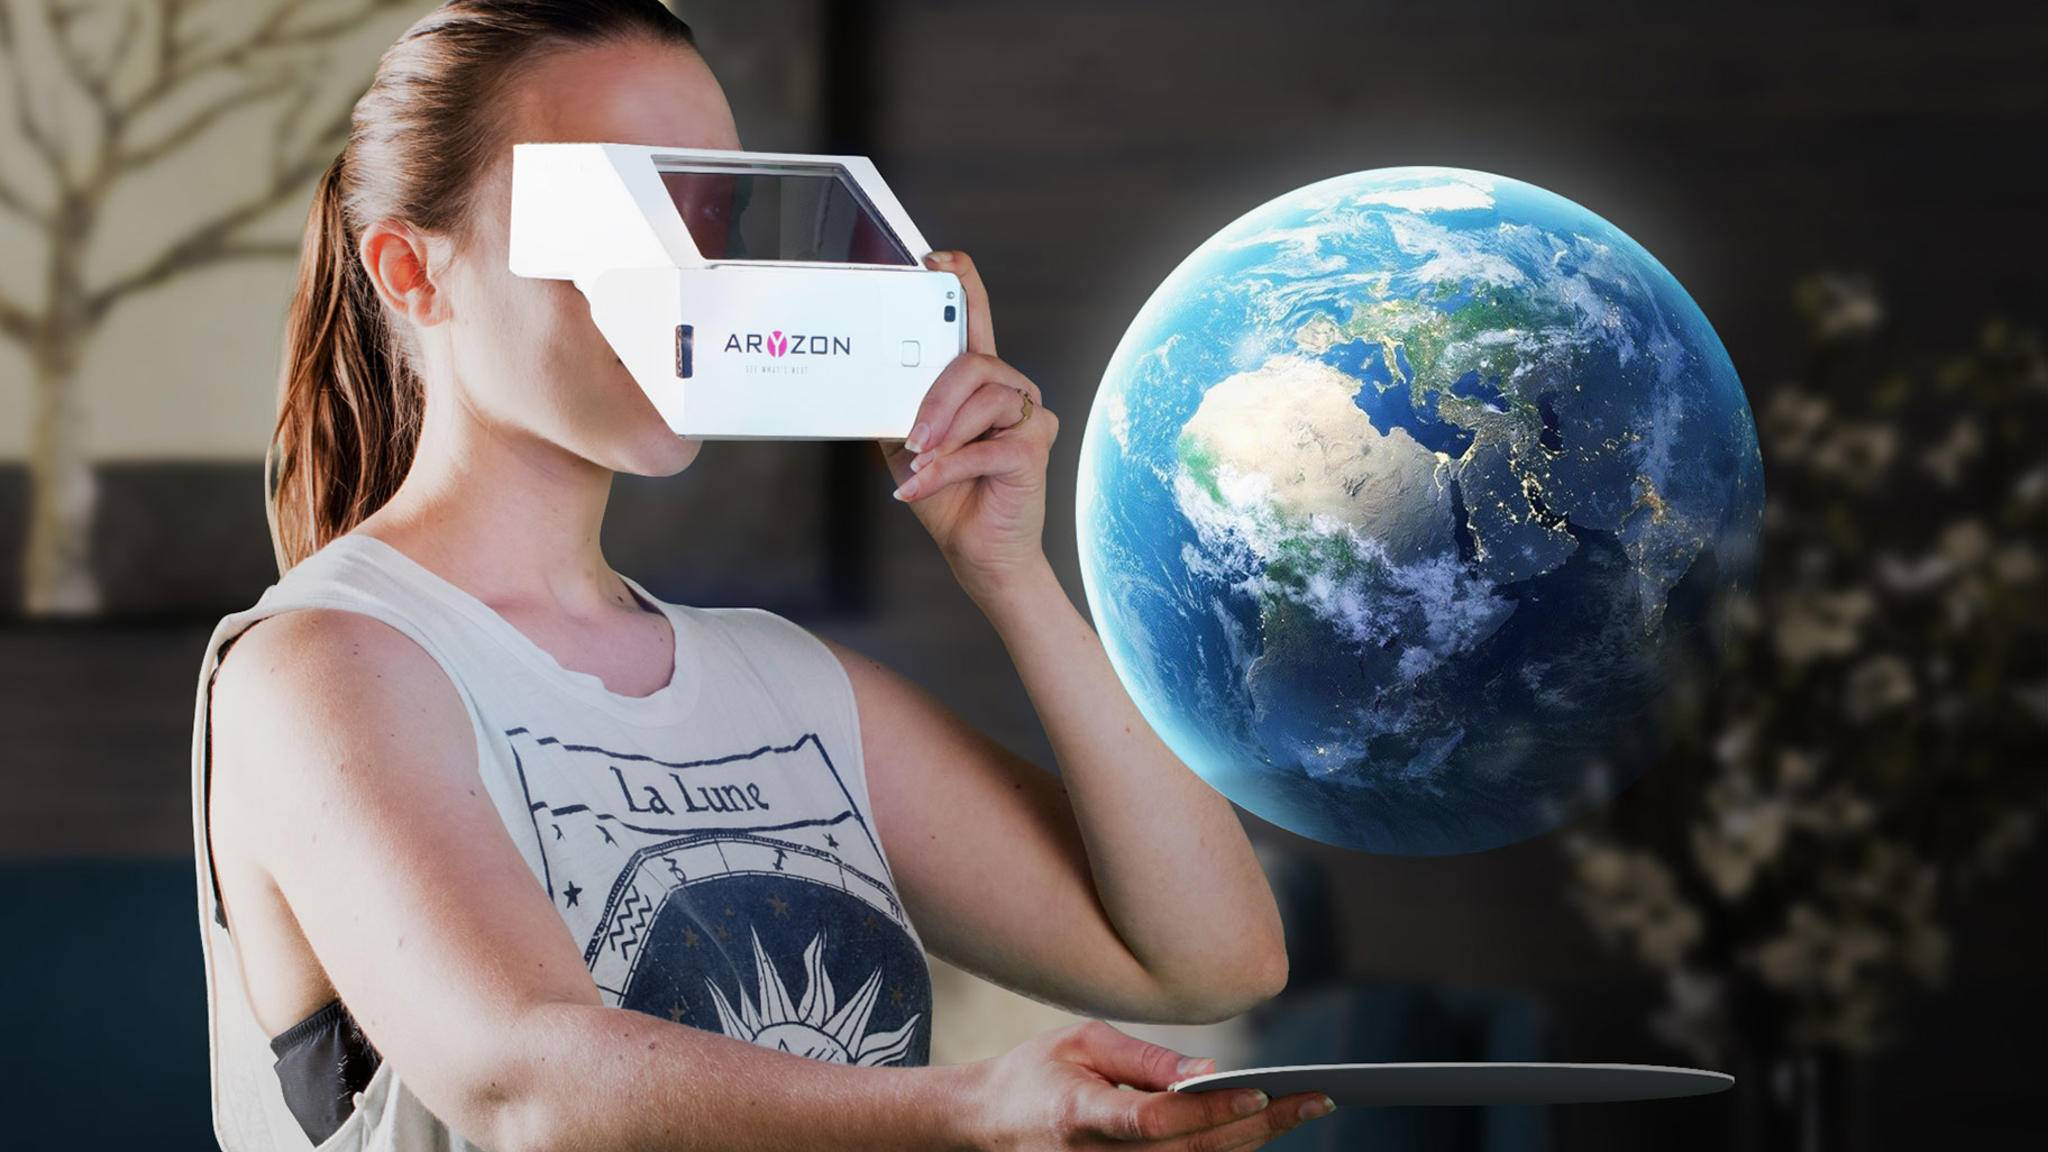 Das Kickstarter-Projekt Aryzon macht jedes Smartphone fit für die erweiterte Realität.